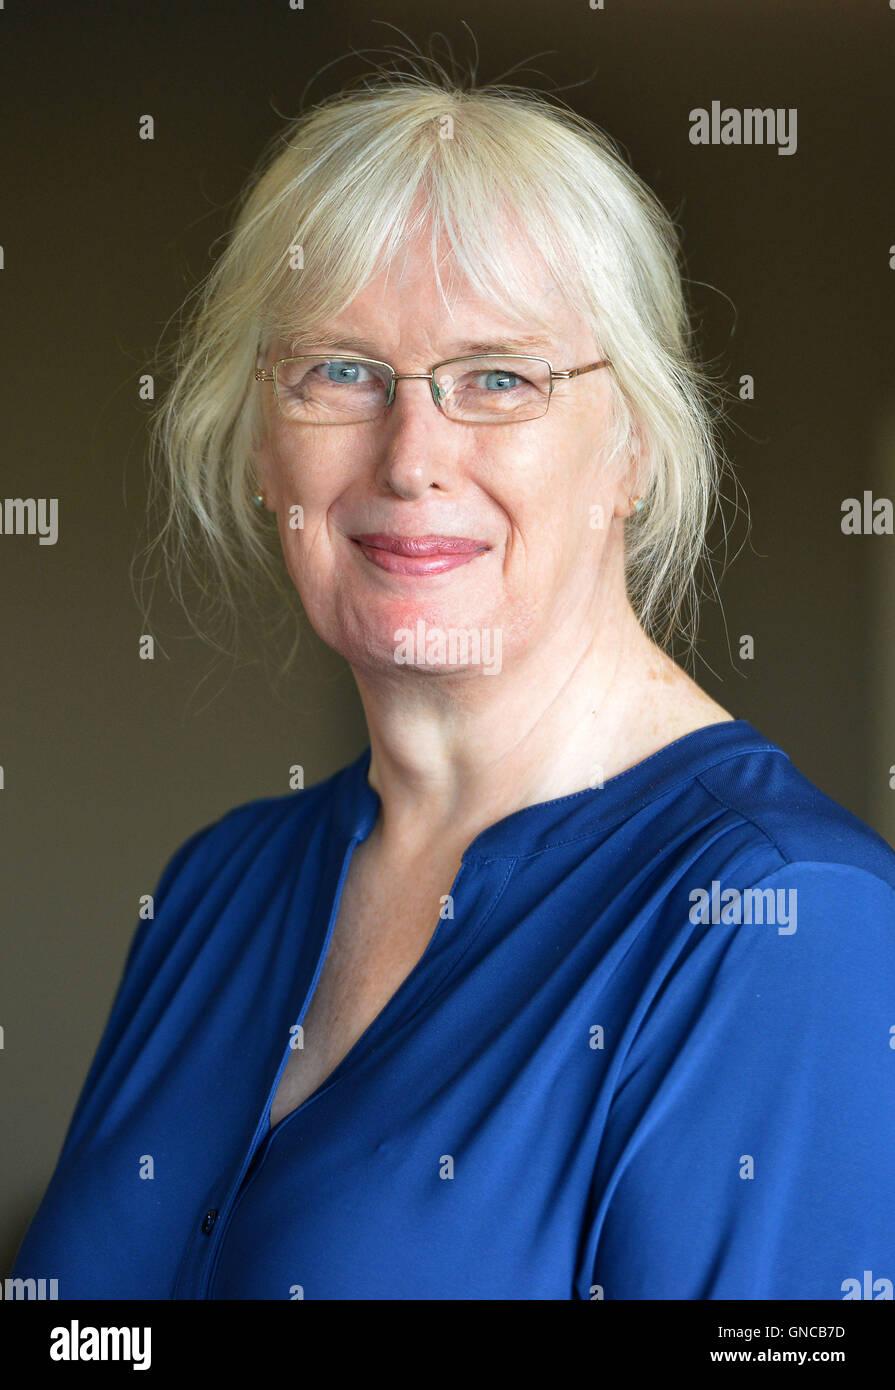 Transgender transition for seniors reply)))